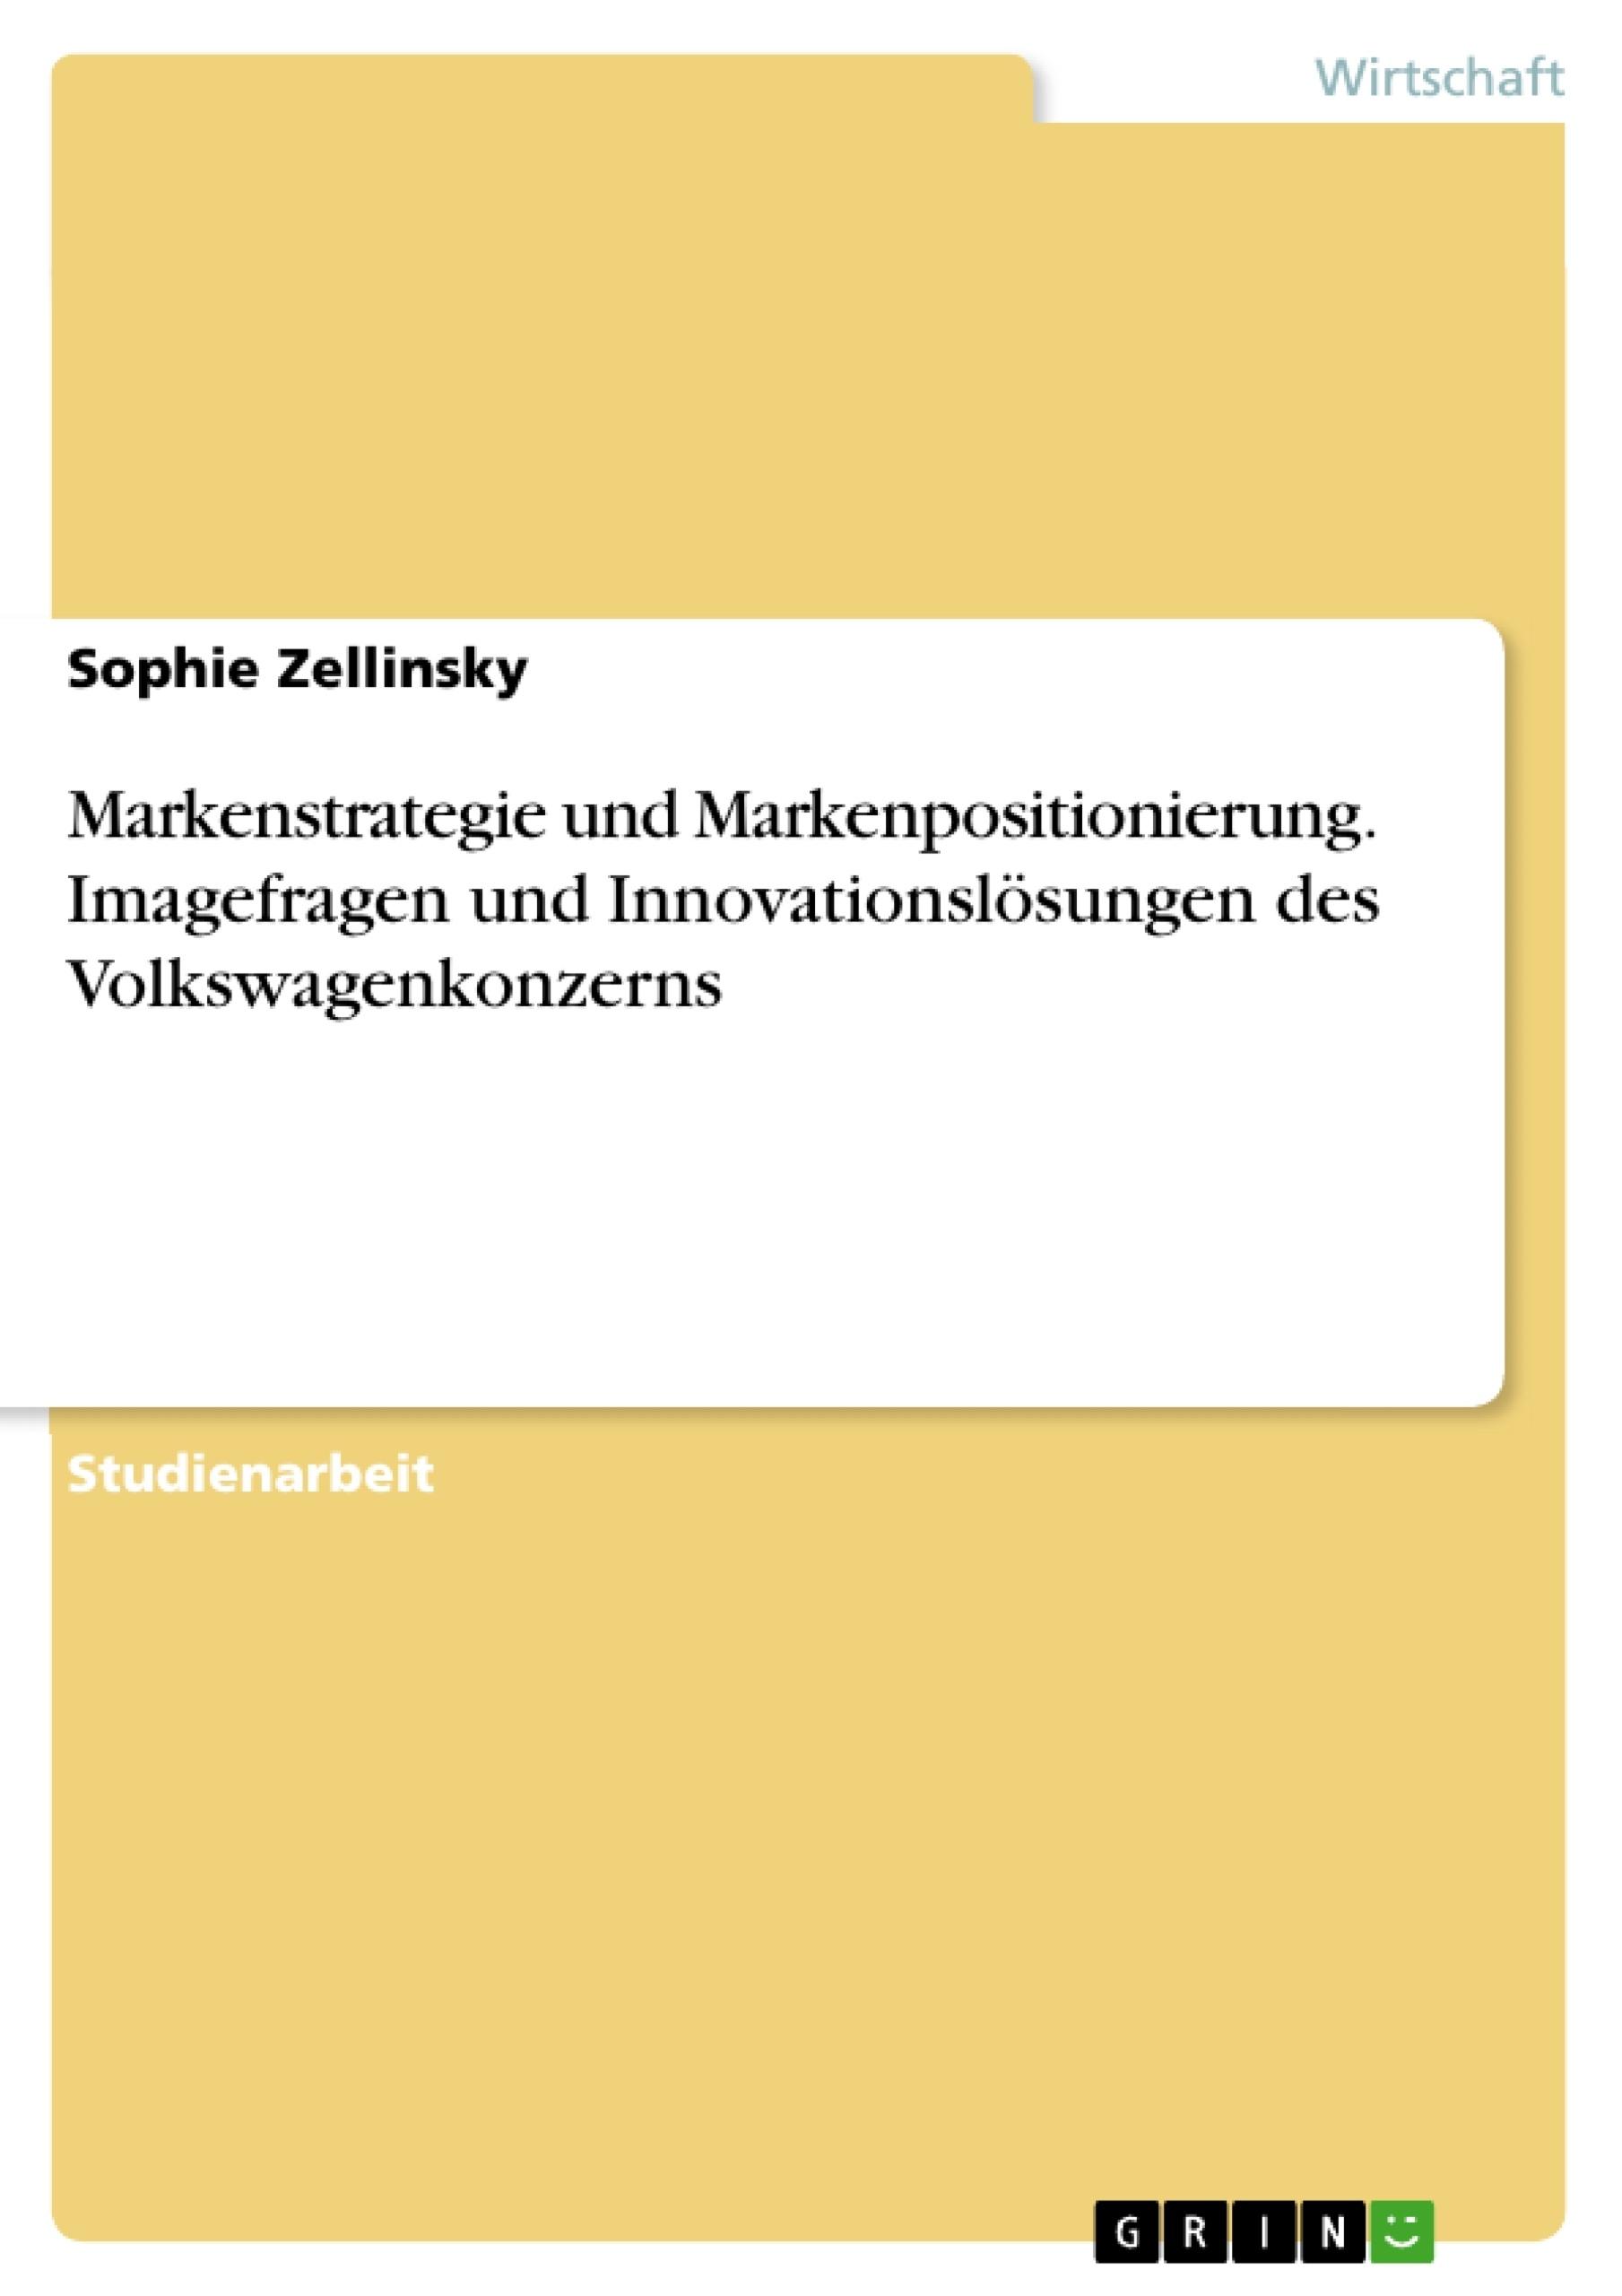 Titel: Markenstrategie und Markenpositionierung. Imagefragen und Innovationslösungen des Volkswagenkonzerns